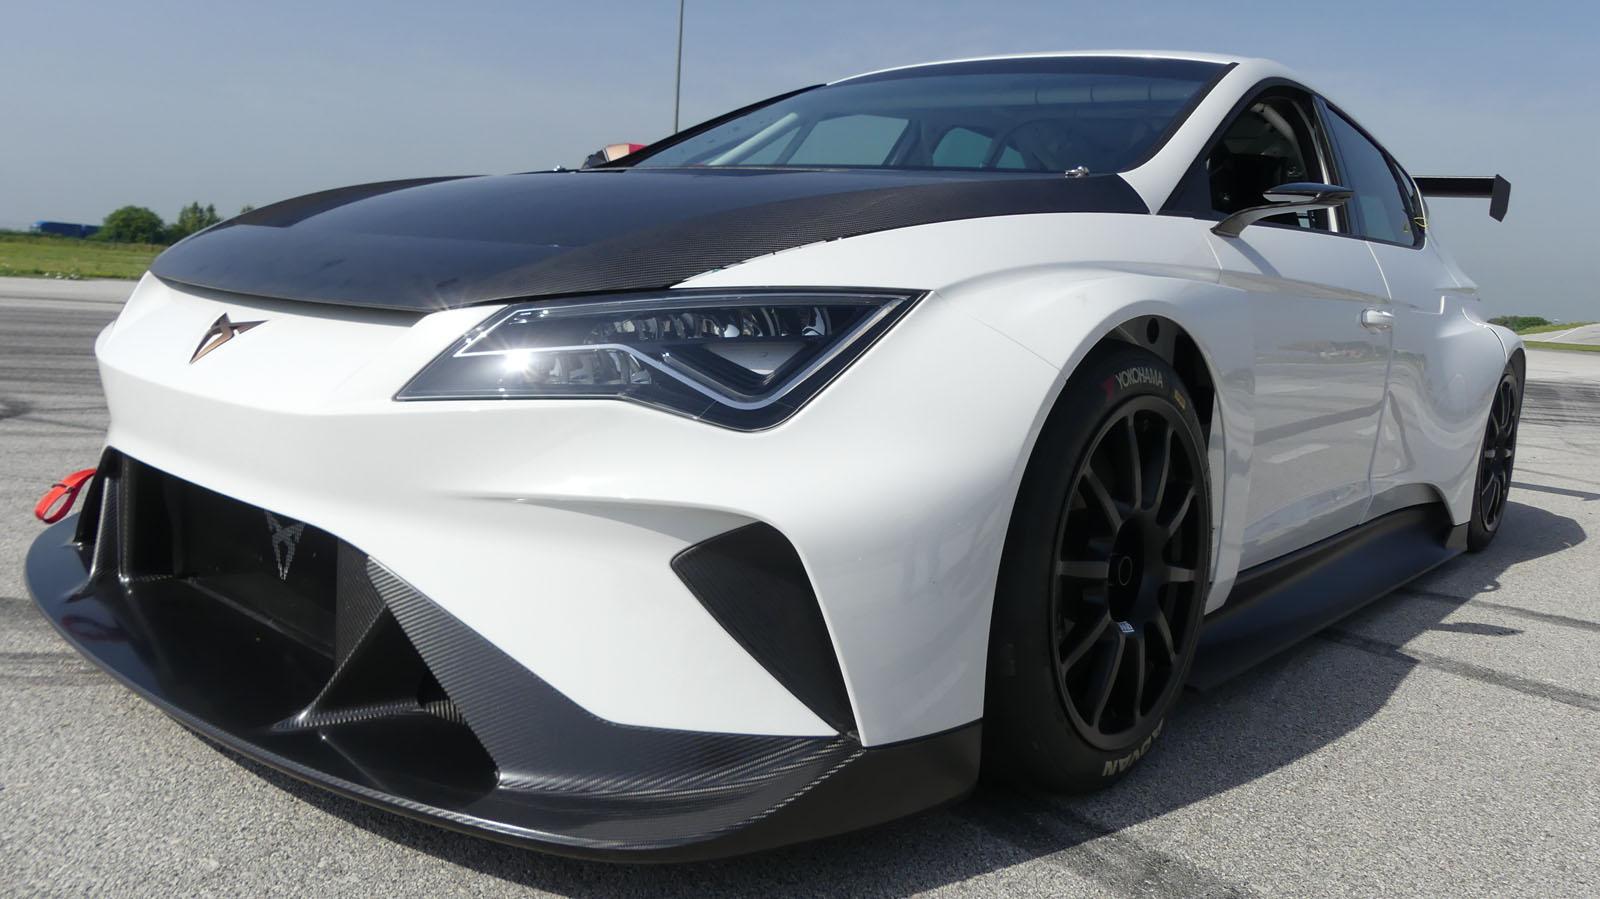 Cupra подтверждает характеристики 6 гоночного автомобиля e-Racer 670 л.с.